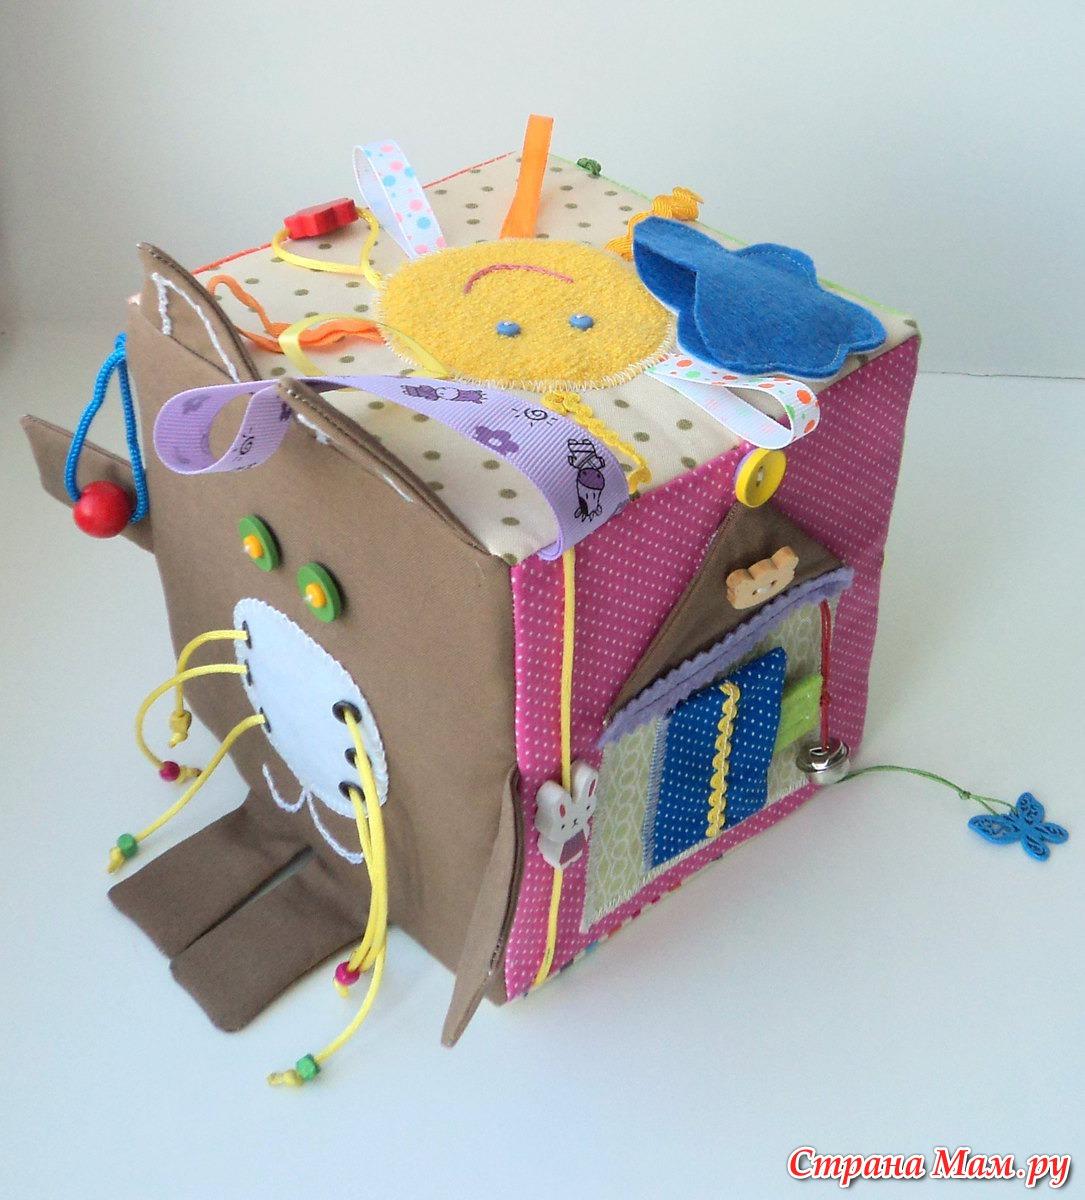 Кубик для новорожденных своими руками 19